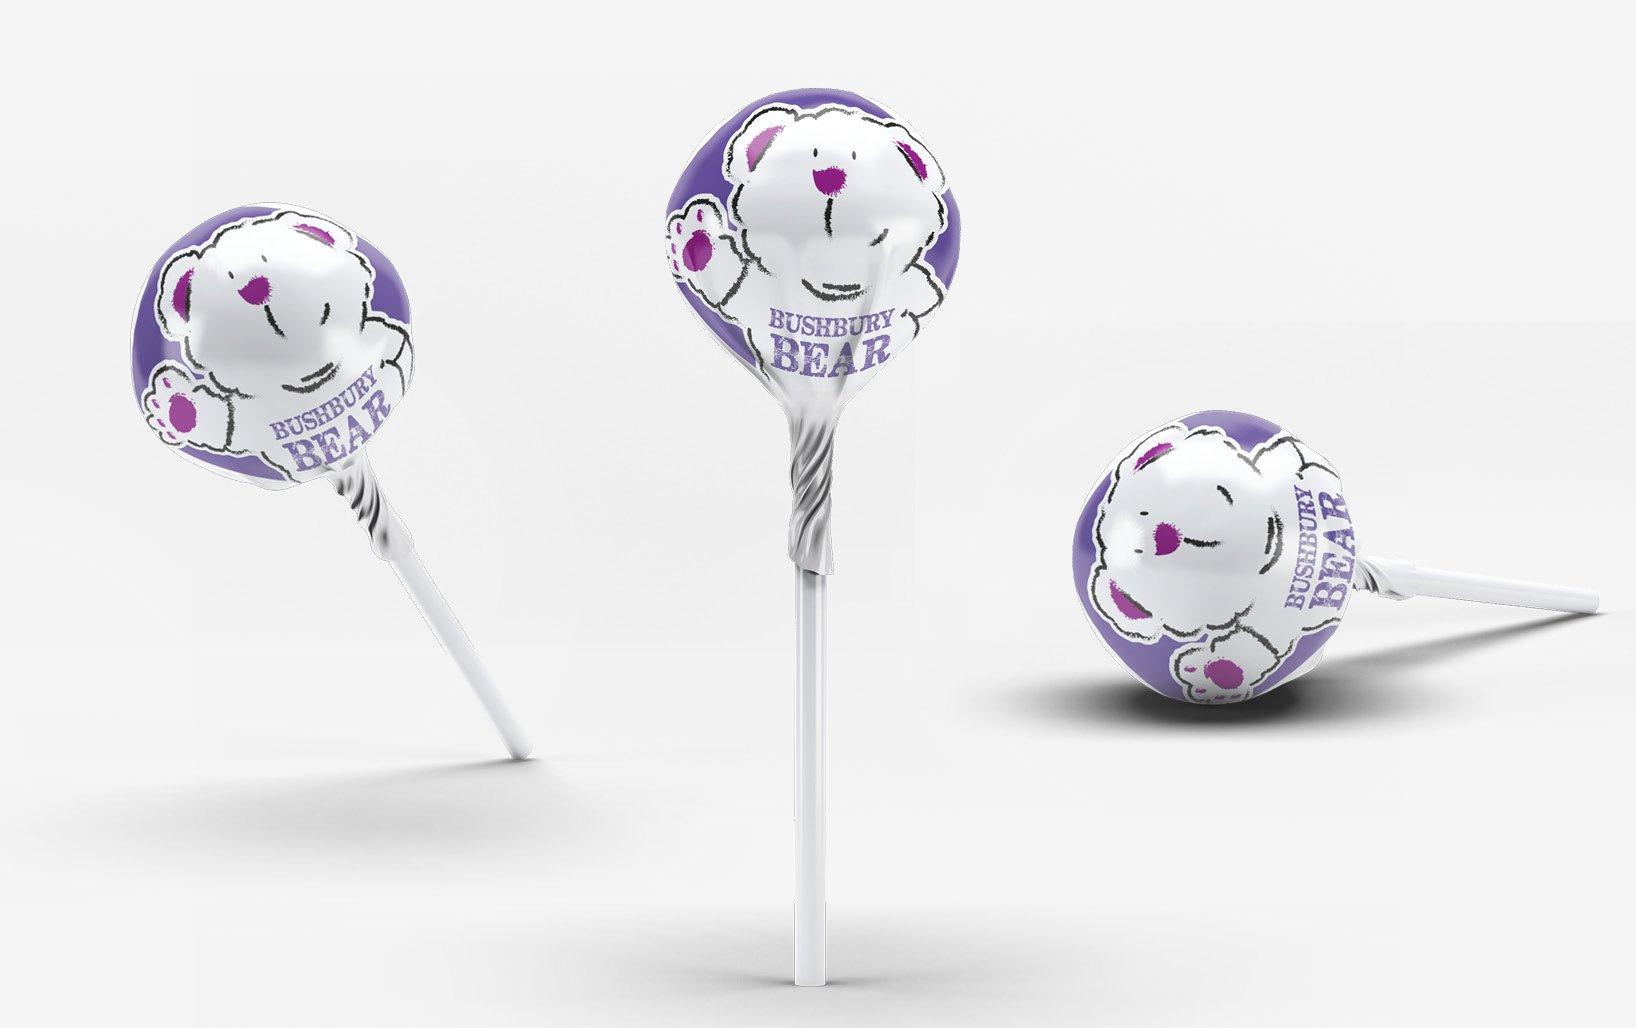 Bushbury promotional sweets